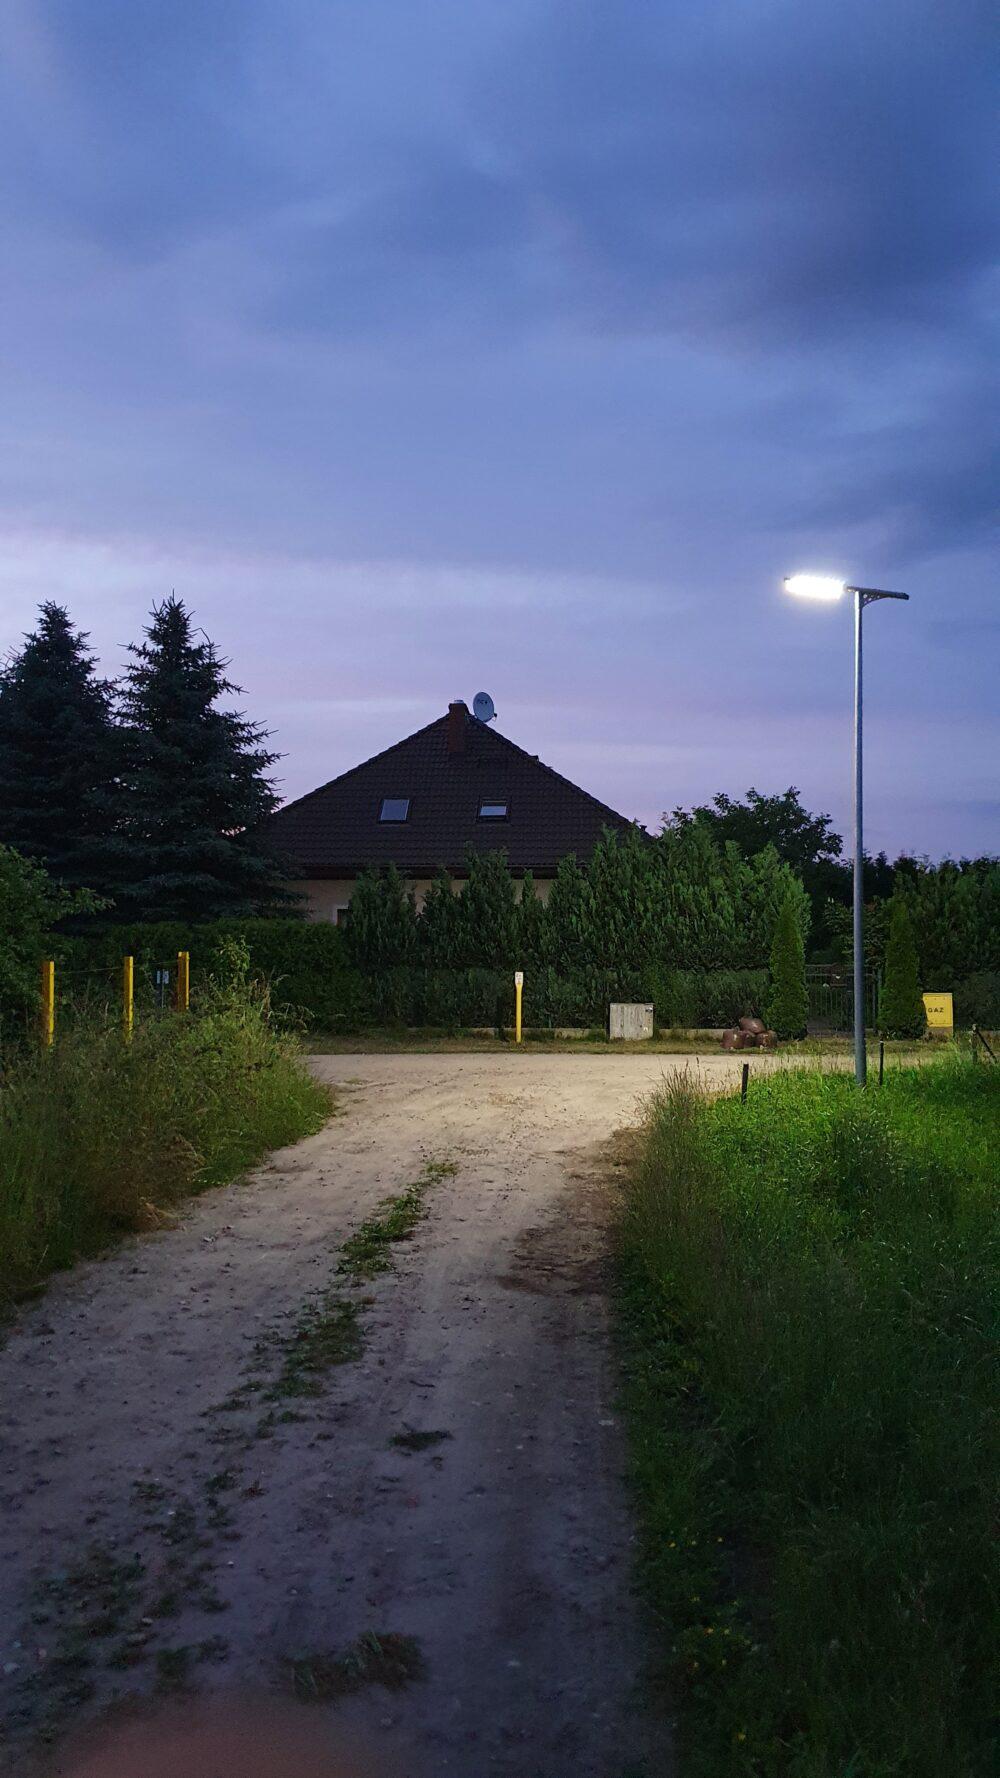 Nowa-Wies-Leborska-lampa-S-08R-scaled